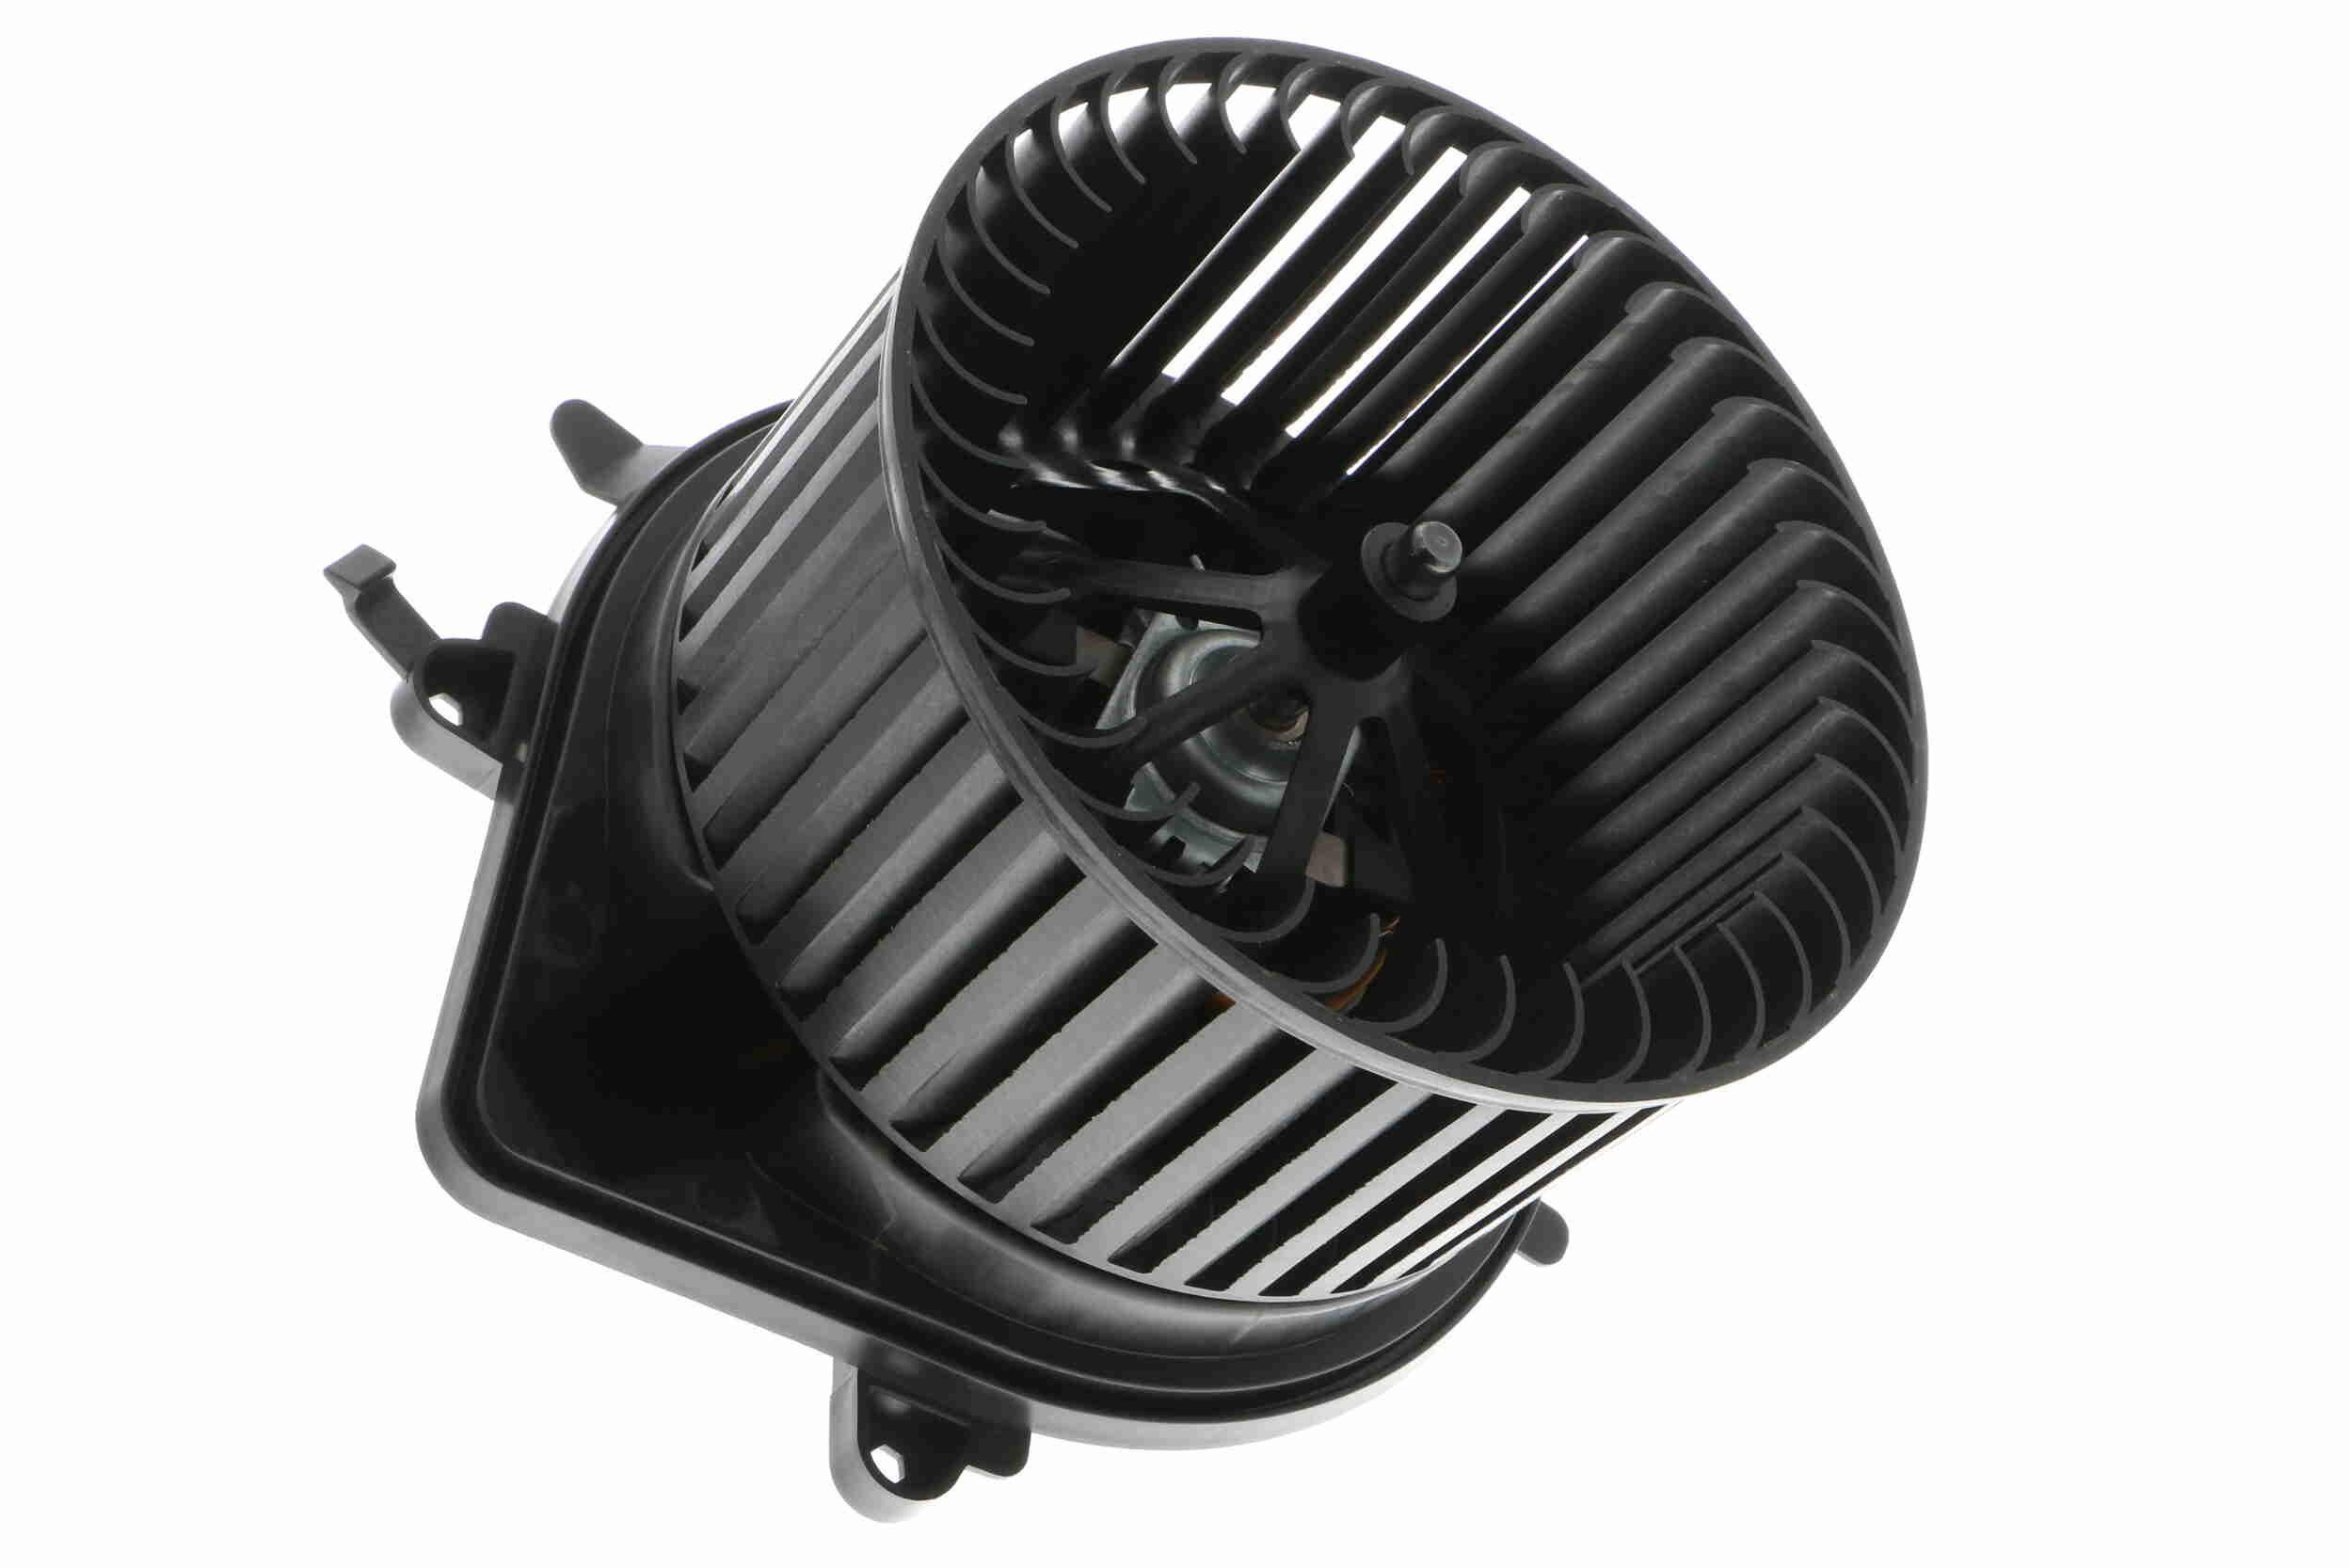 Heizgebläse V20-03-1153 VEMO V20-03-1153 in Original Qualität